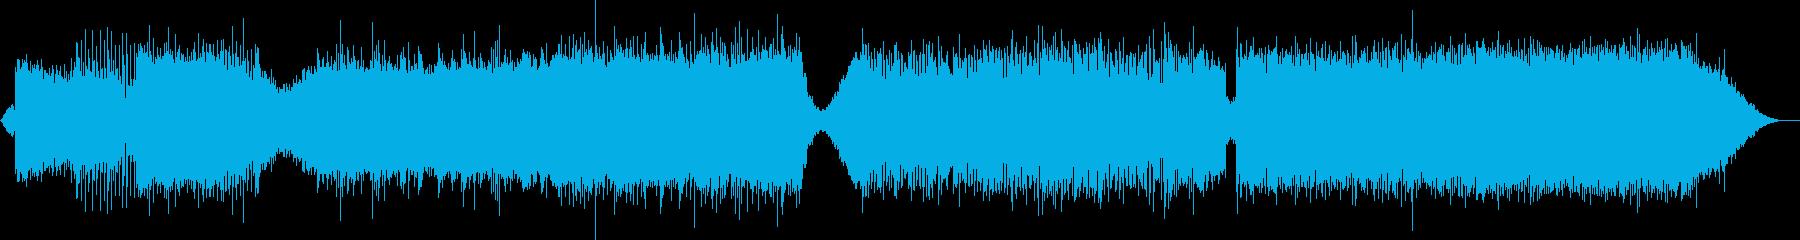 ヨーロッパ系EDMの再生済みの波形